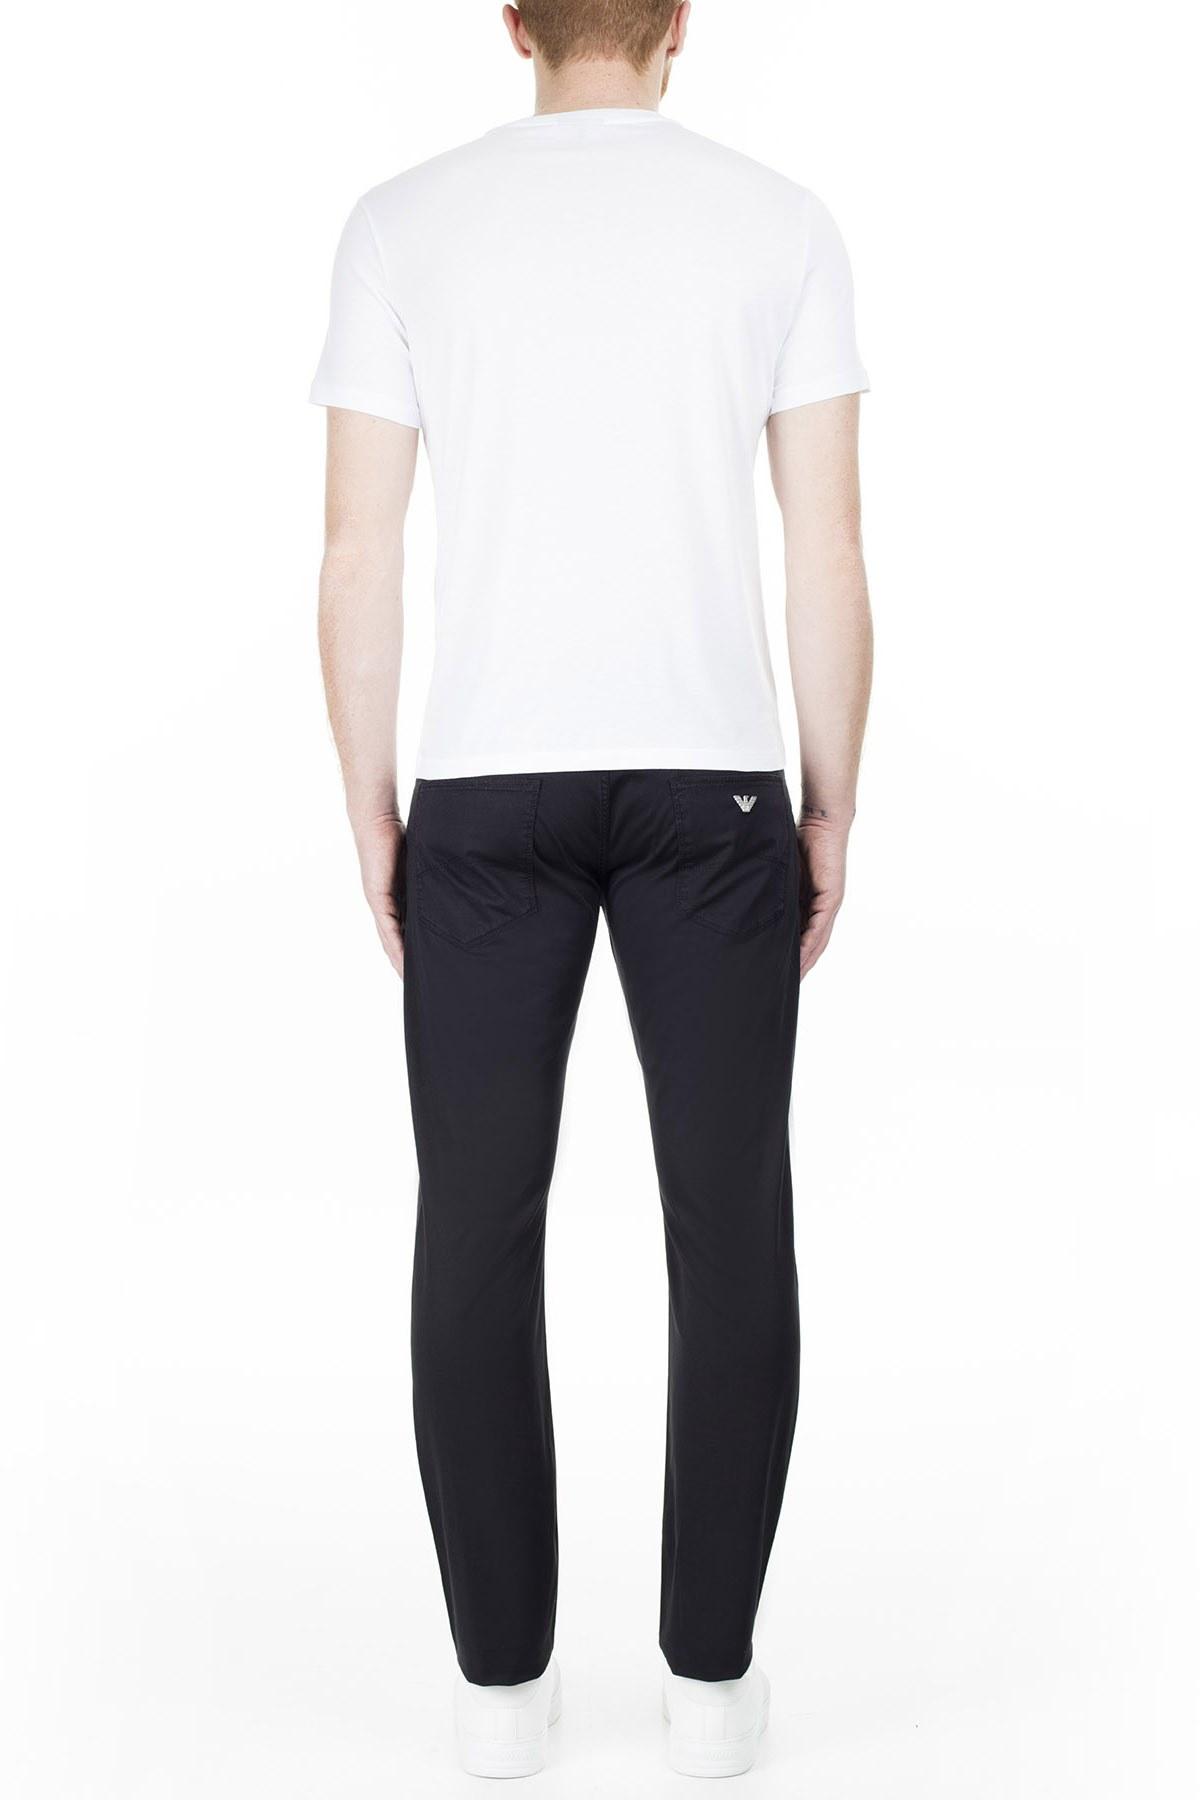 Emporio Armani J06 Jeans Erkek Pamuklu Pantolon 3H1J06 1NEDZ 0999 SİYAH